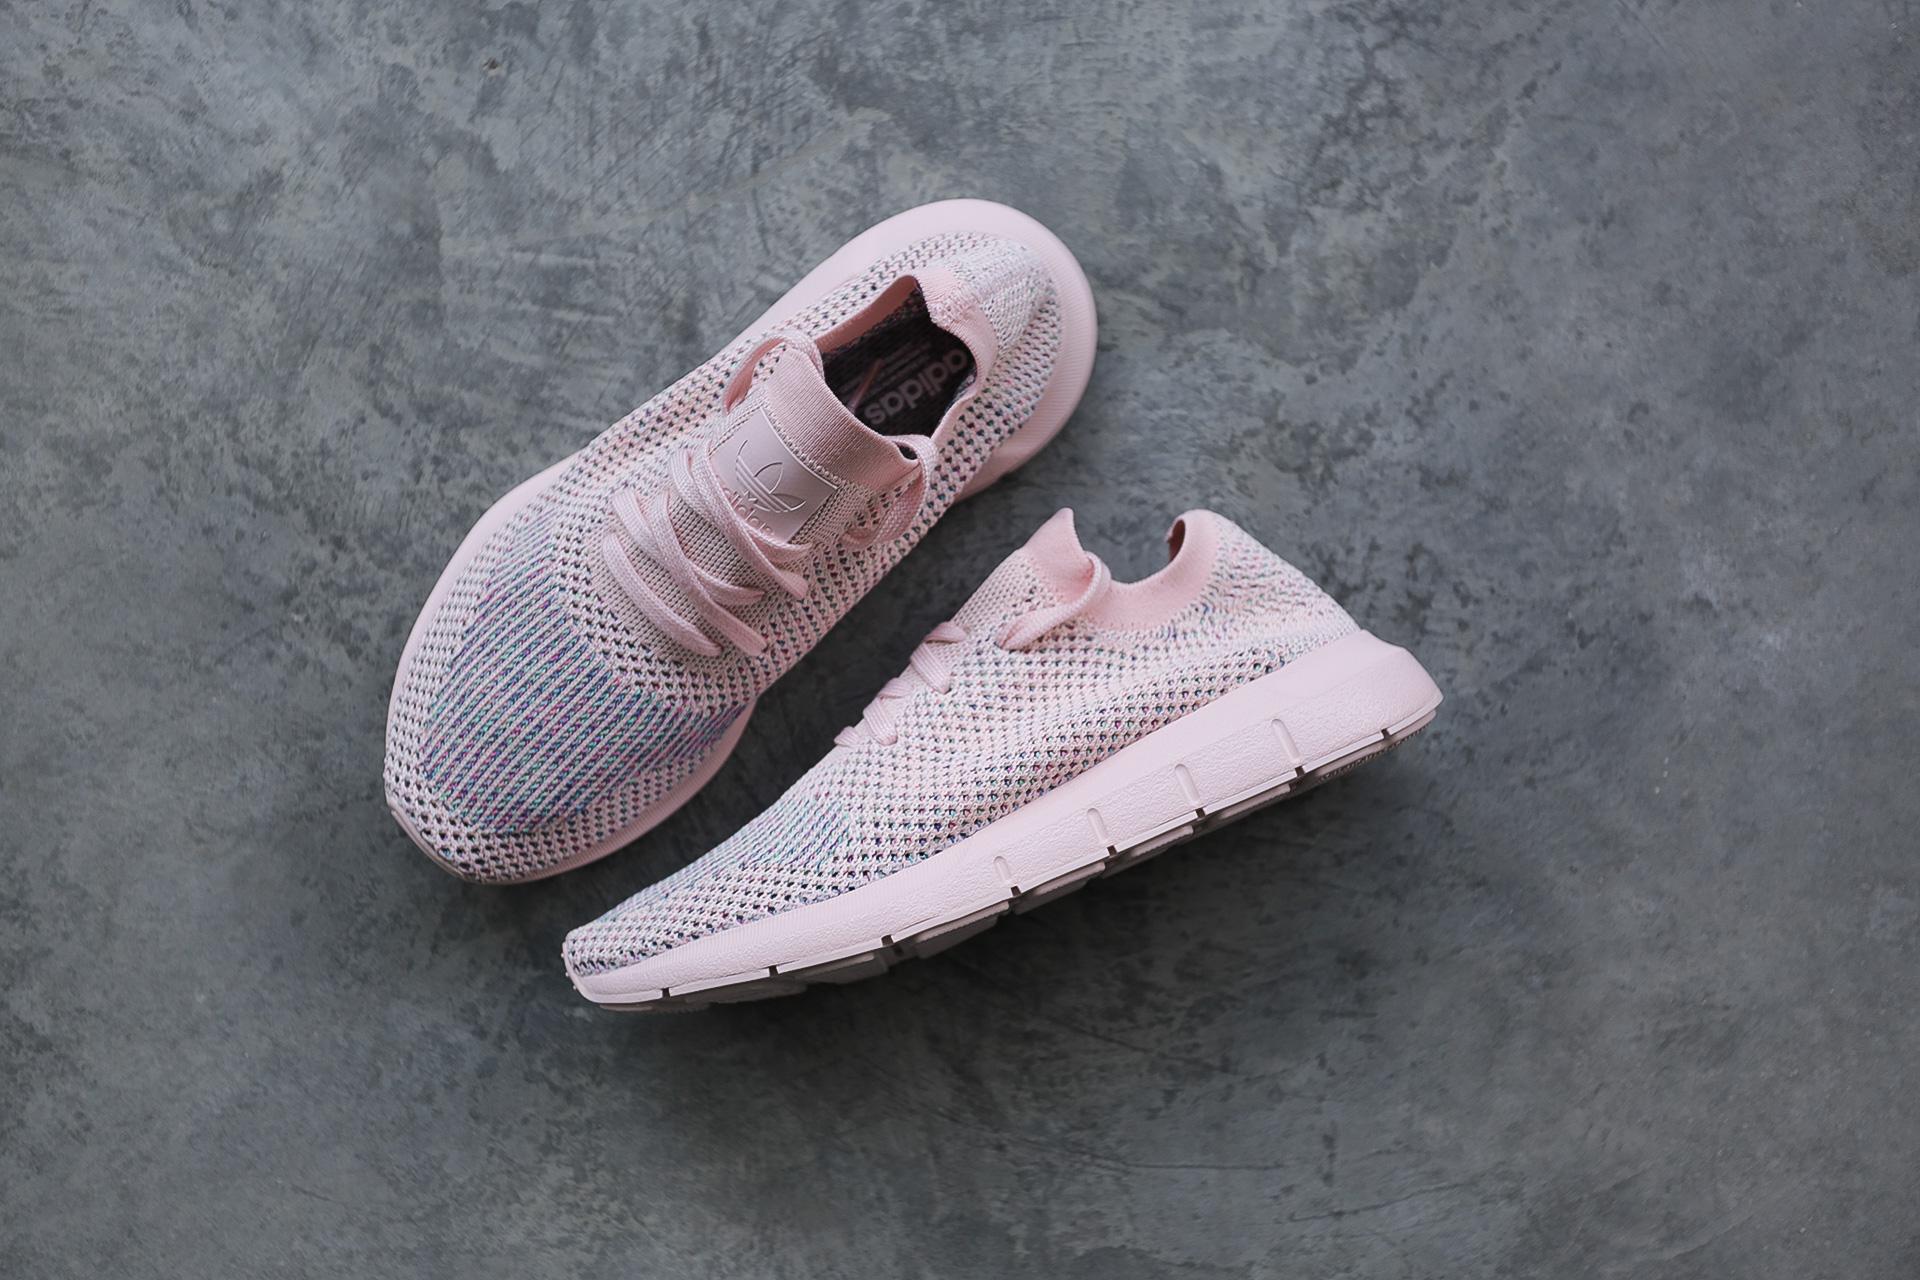 c0f8dbe10222 Купить розовые женские кроссовки Swift Run PK W от adidas Originals ...